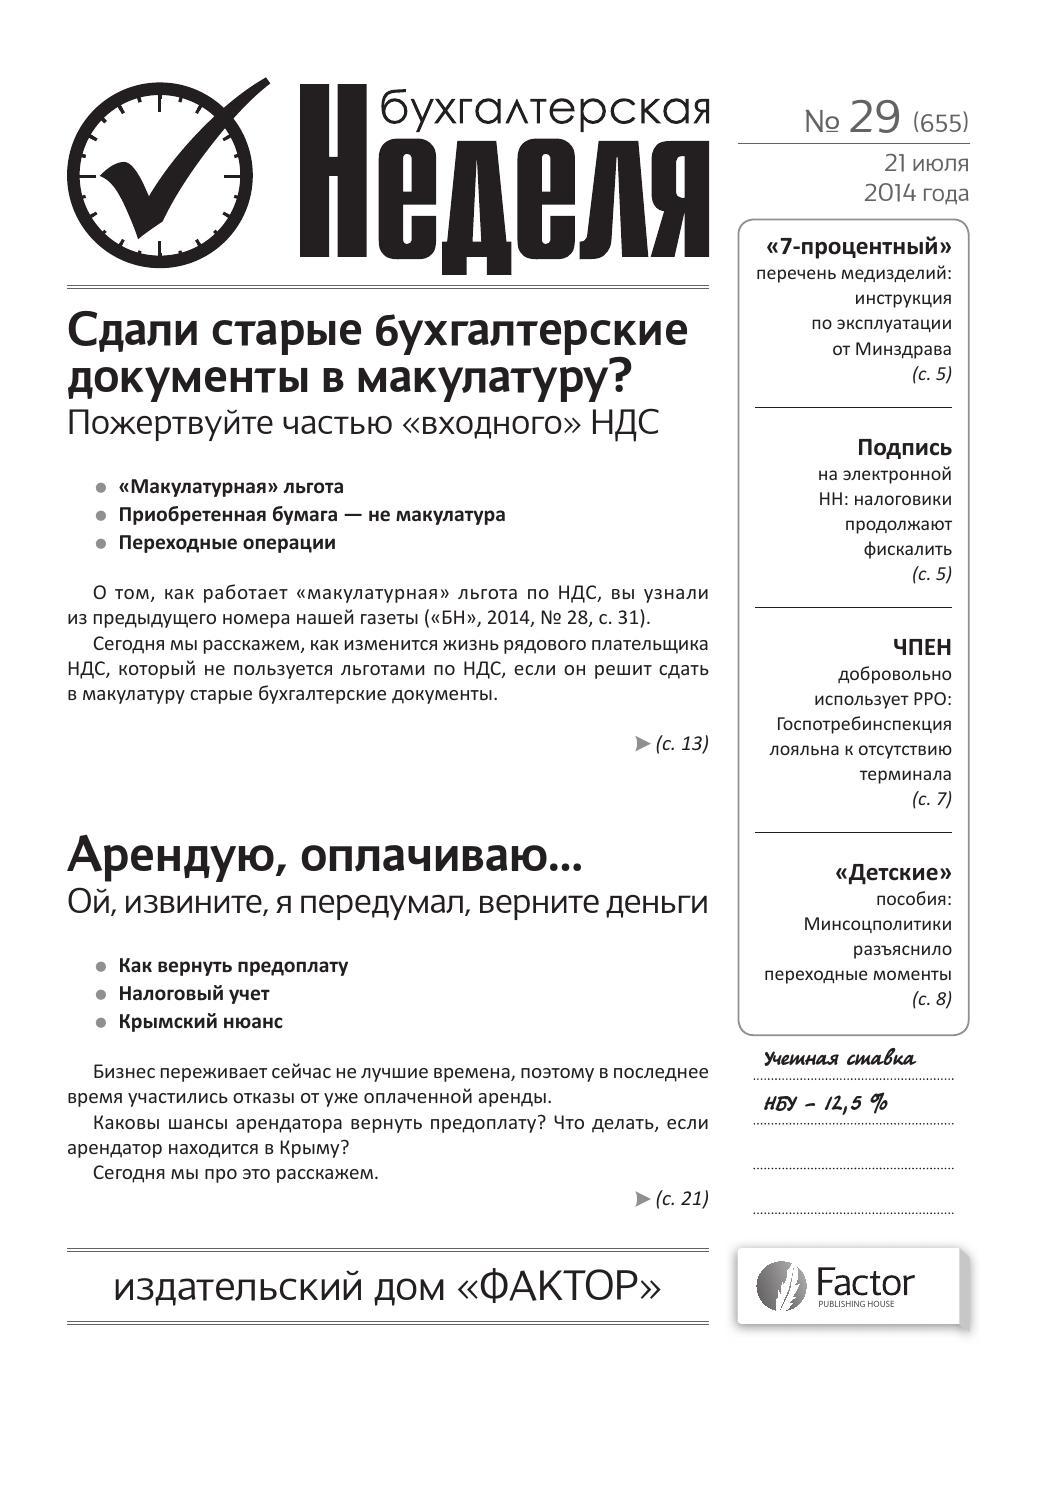 2-ндфл за 2011 год бланк в редакции от 06.12.2011